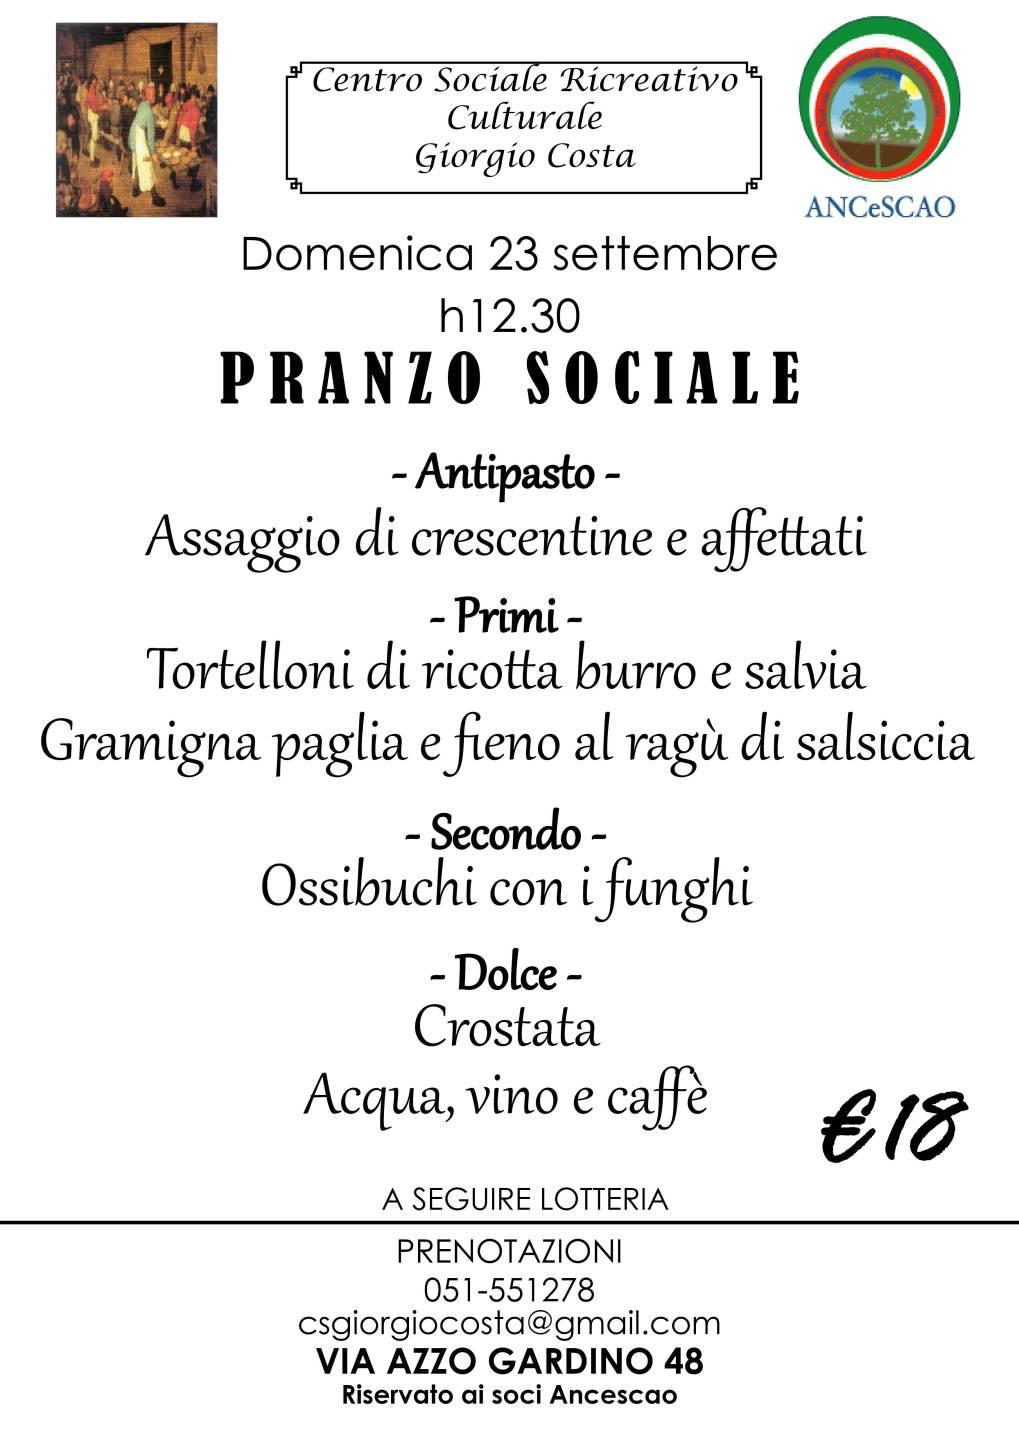 Pranzo sociale 23 settembre 2018